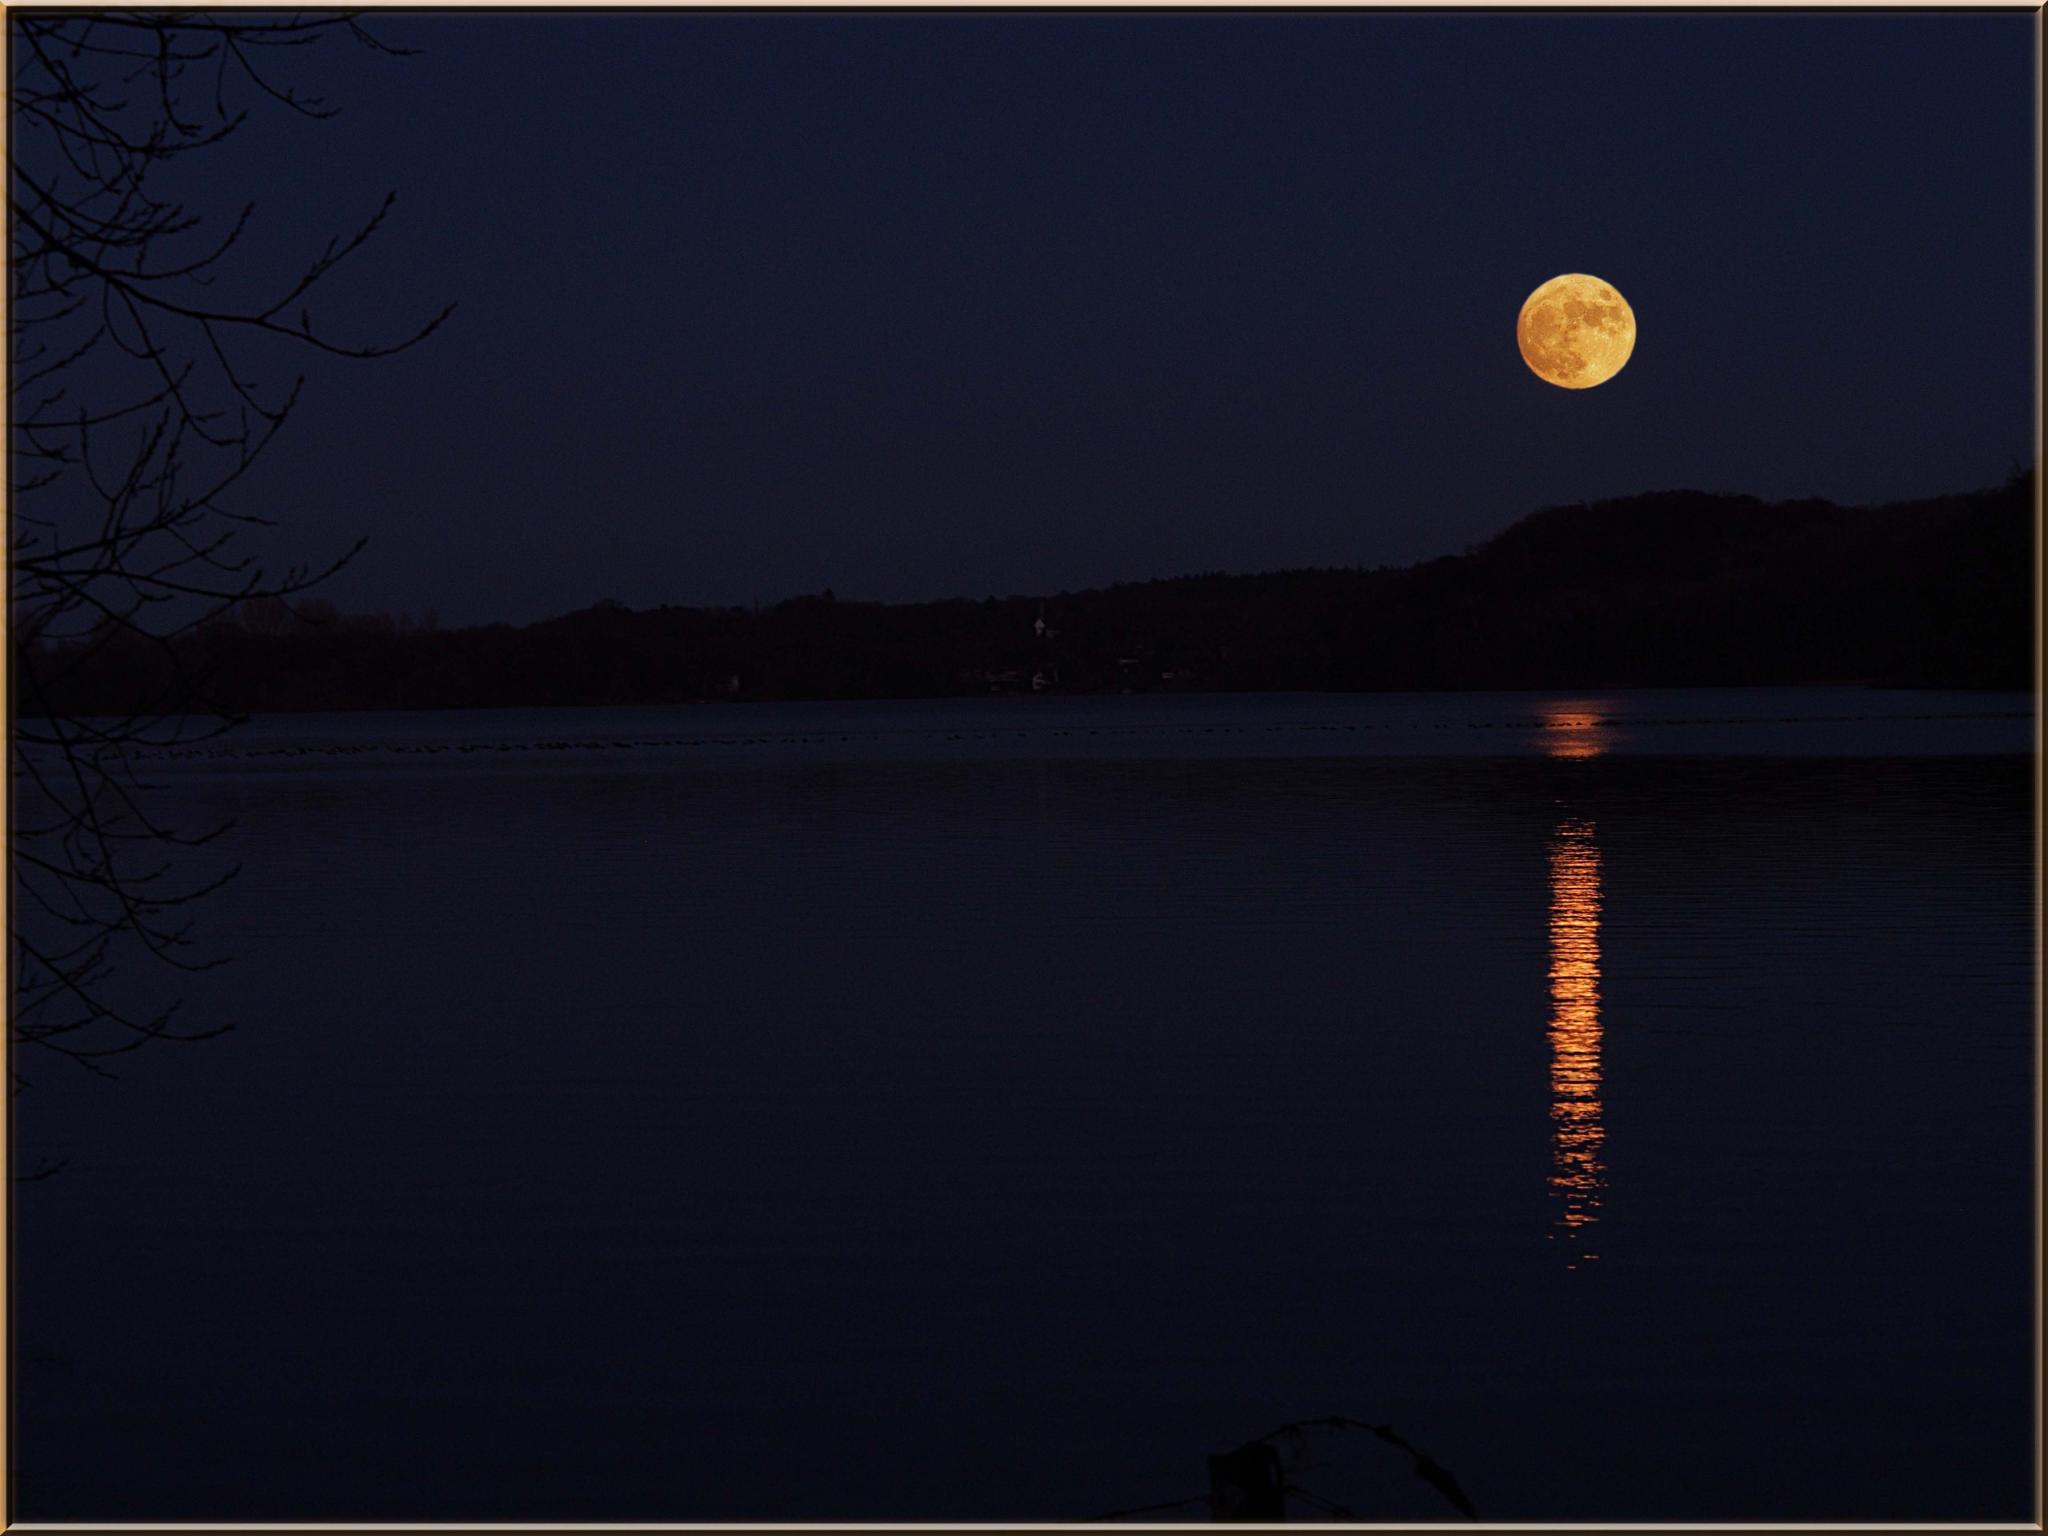 чтобы прошивка фото отражение луны в воде новой